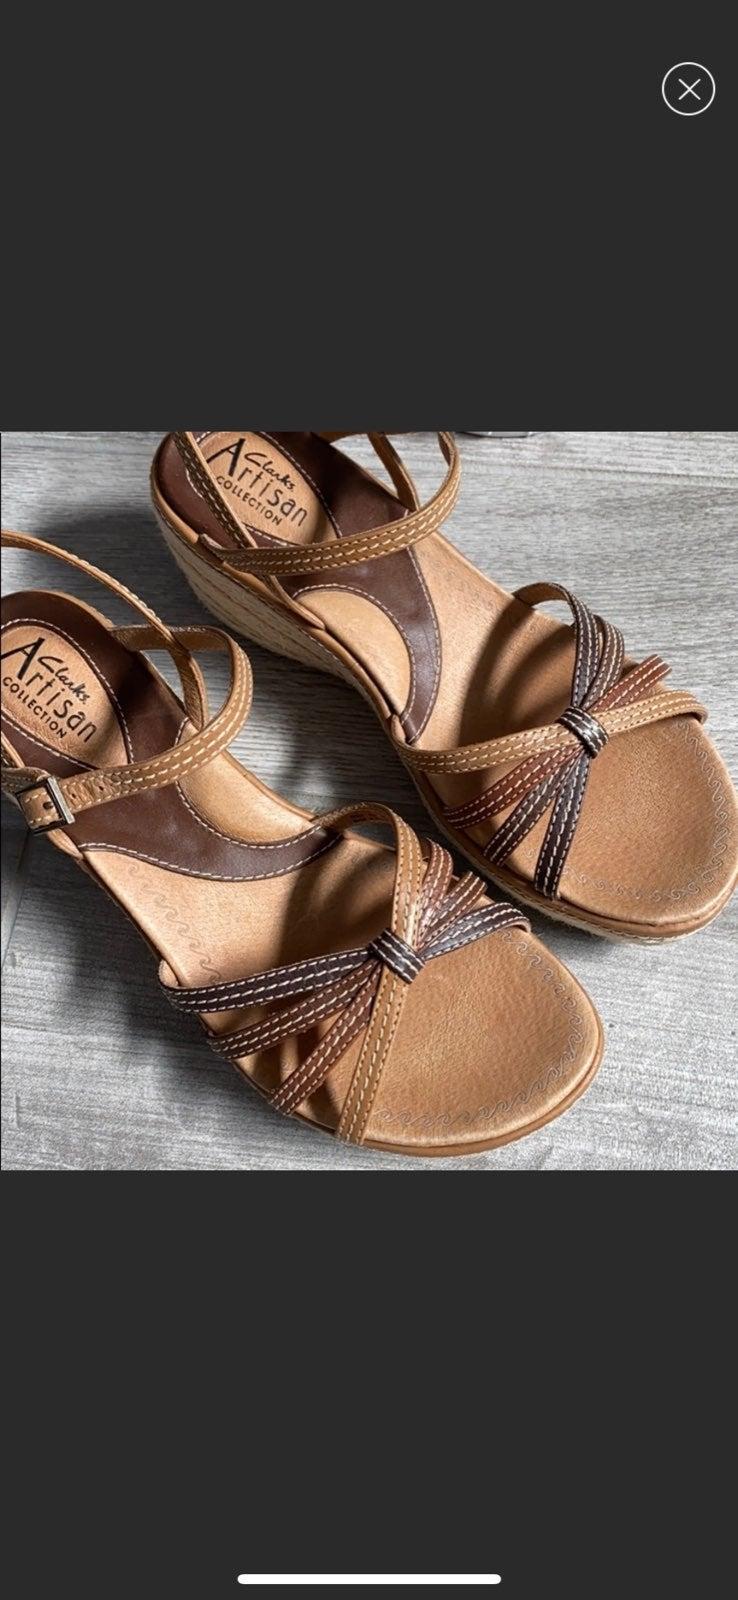 CLARKS Cashmere Twill Wedge Sandals